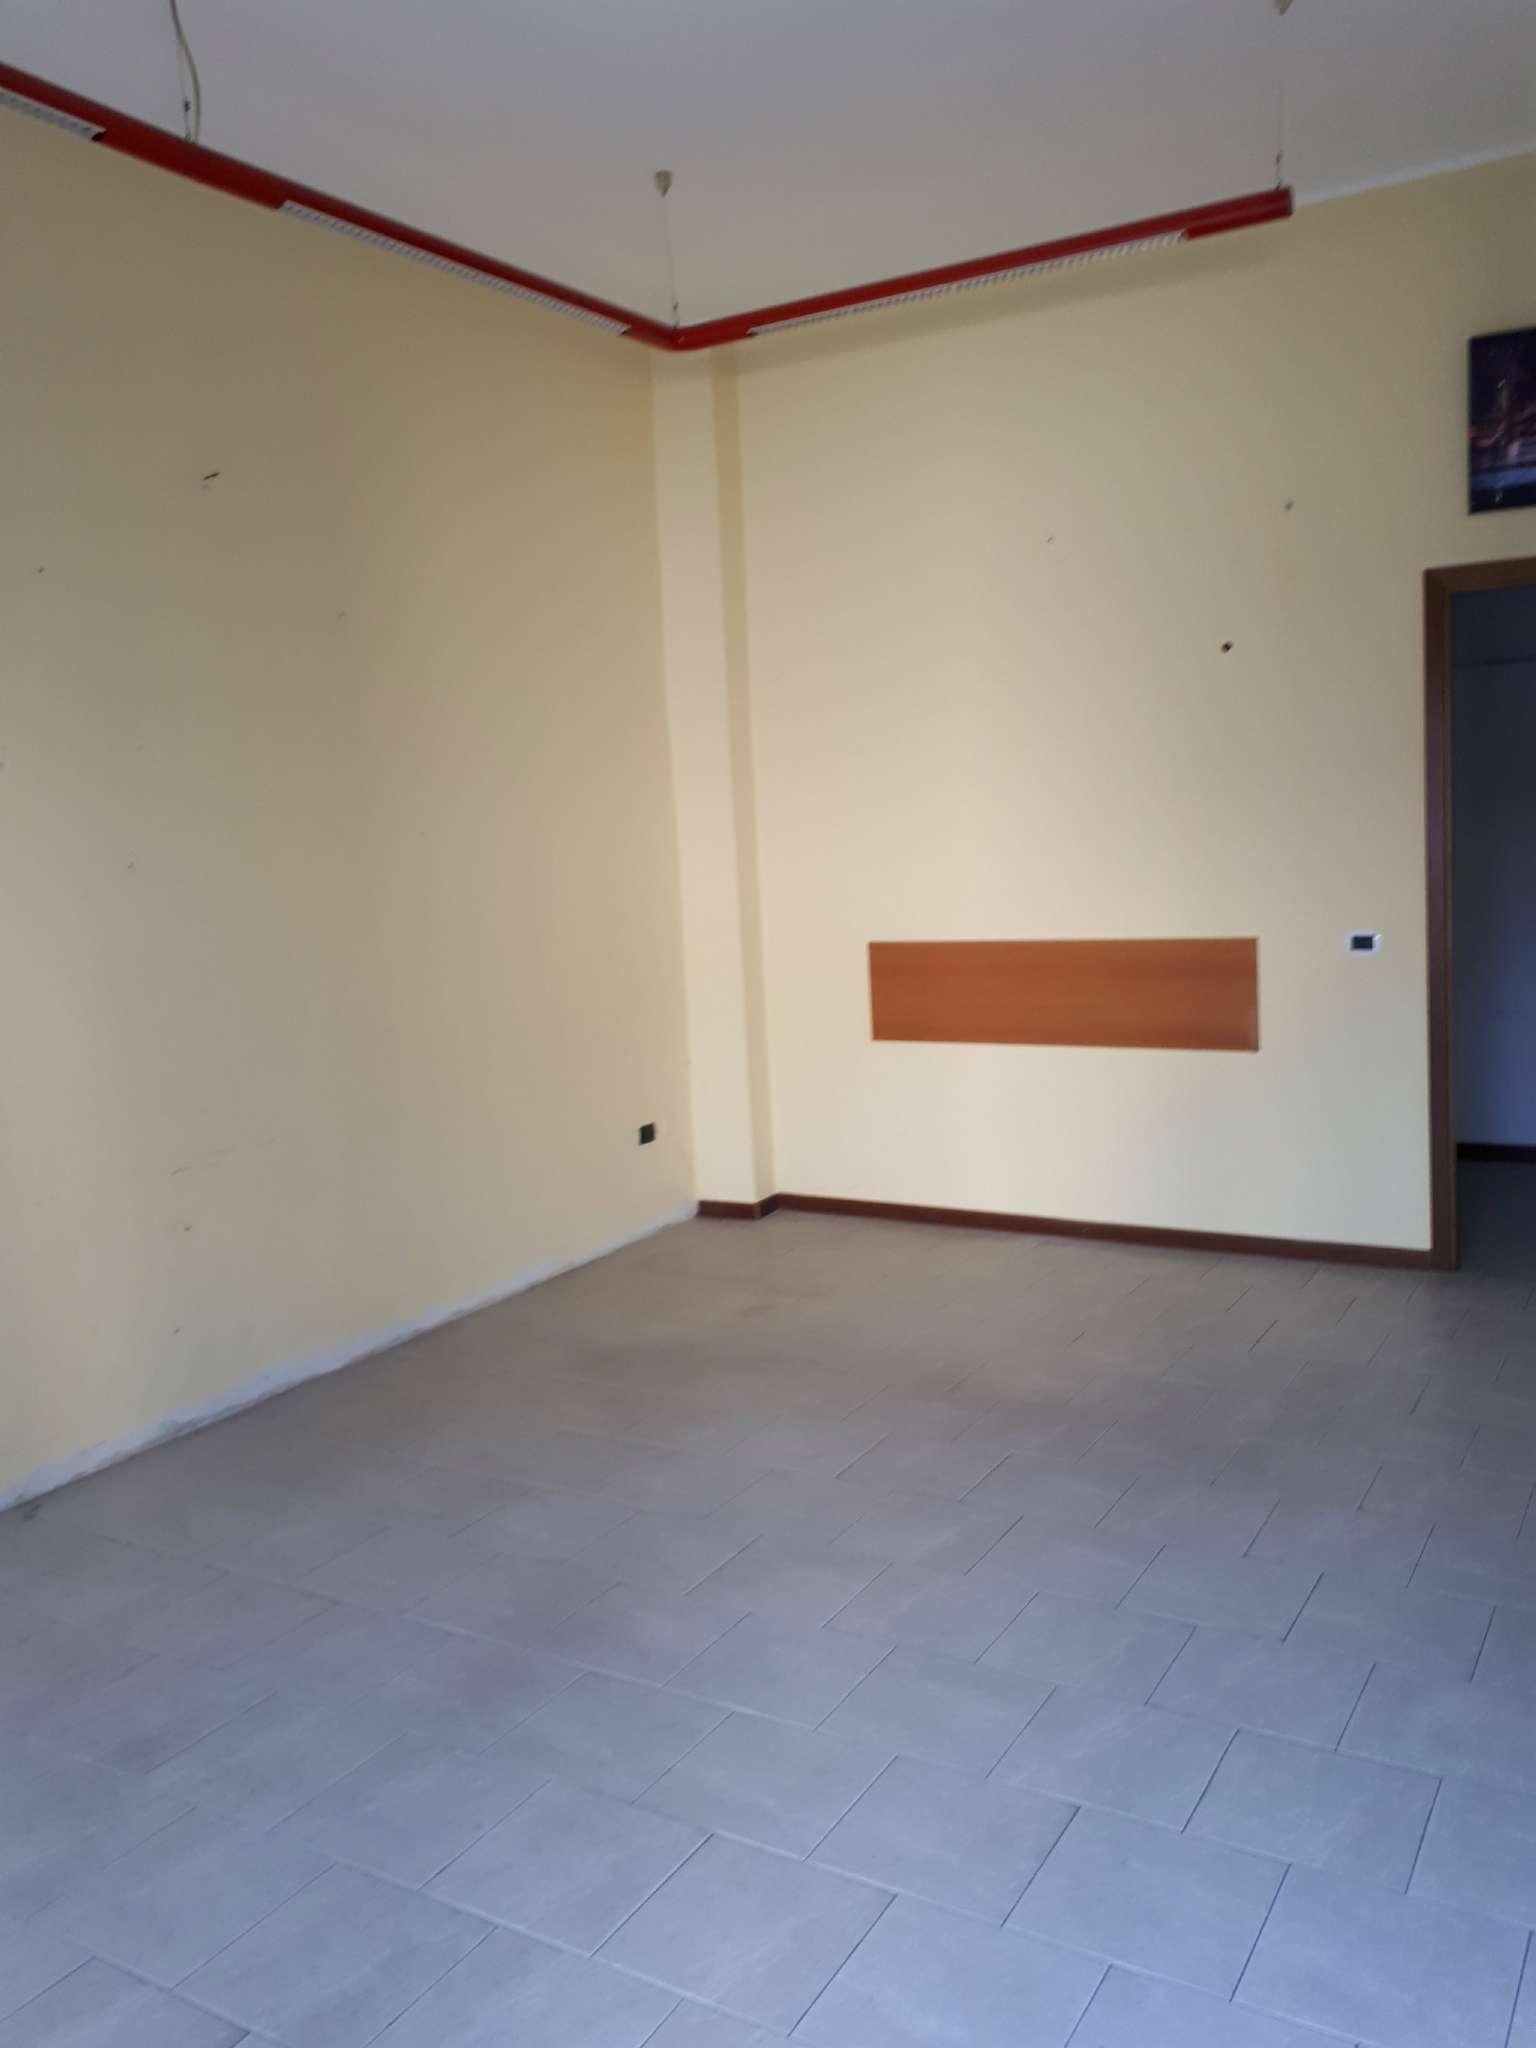 Negozio / Locale in affitto a Cesate, 2 locali, prezzo € 400 | PortaleAgenzieImmobiliari.it